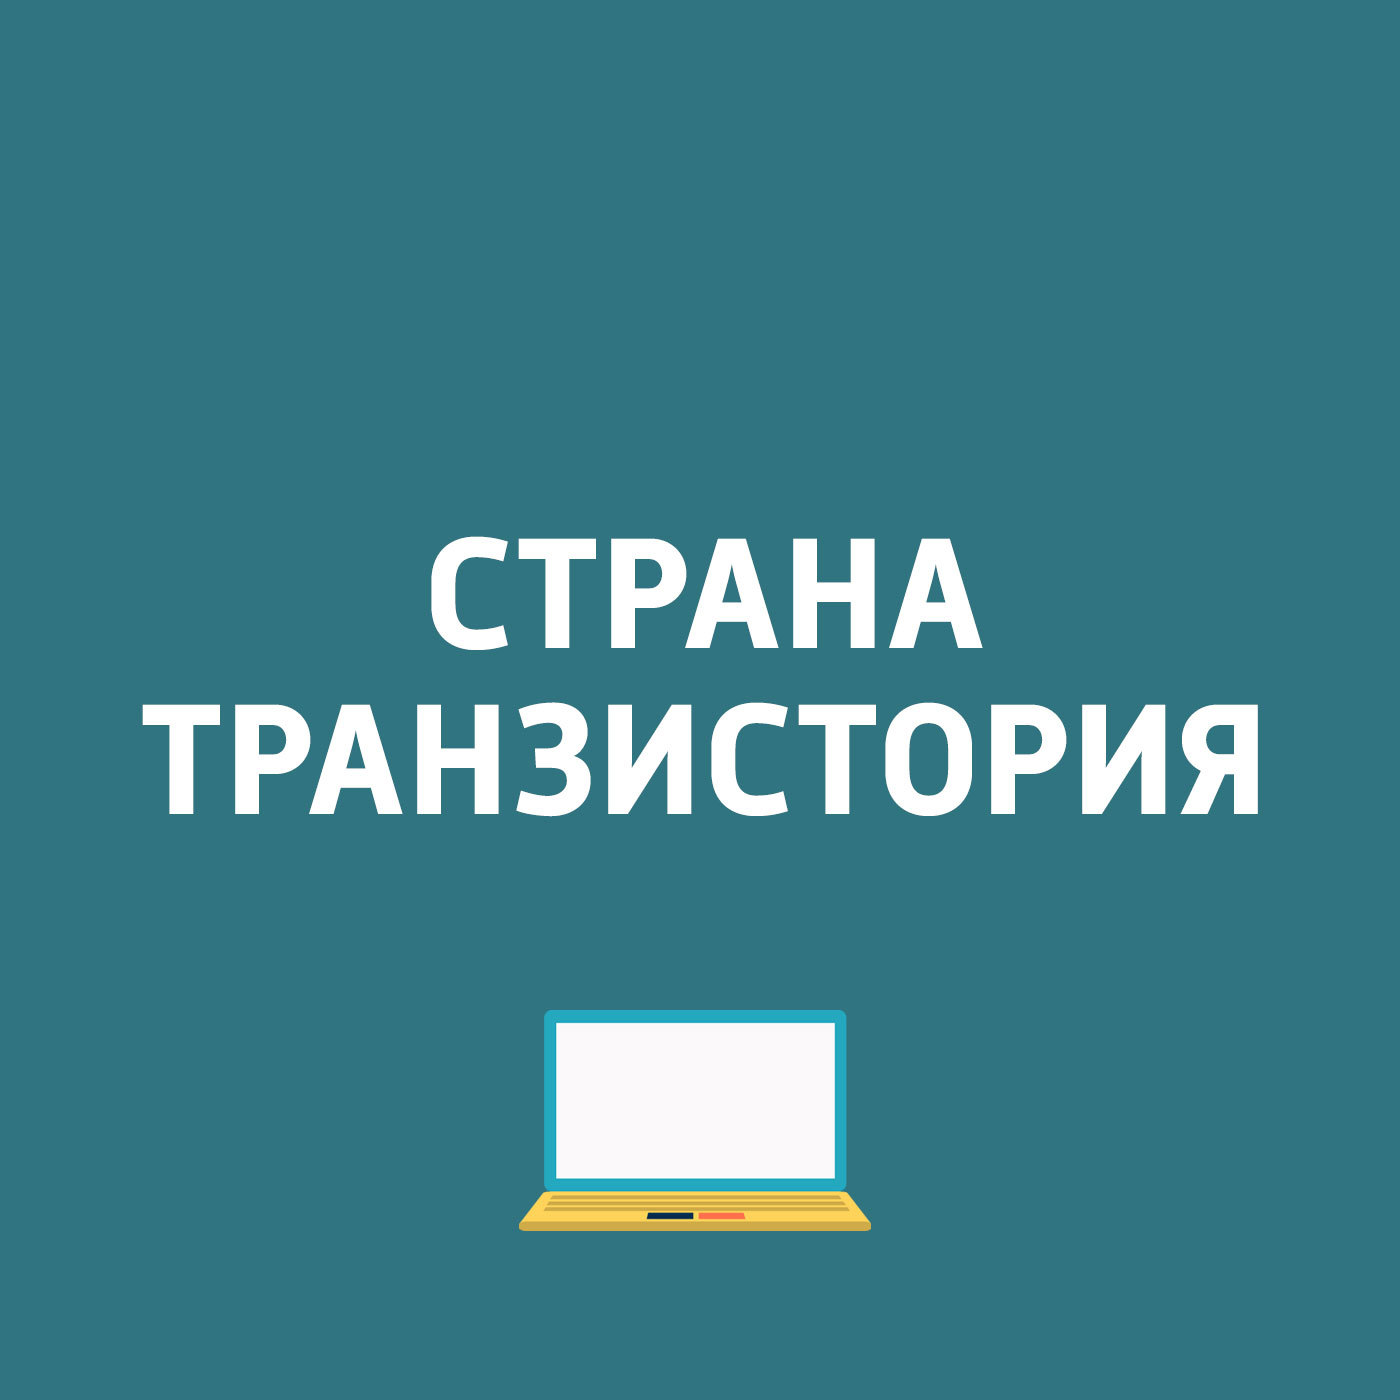 Mail.ruвыяснила, кто он – российский зритель киберсоревнований...